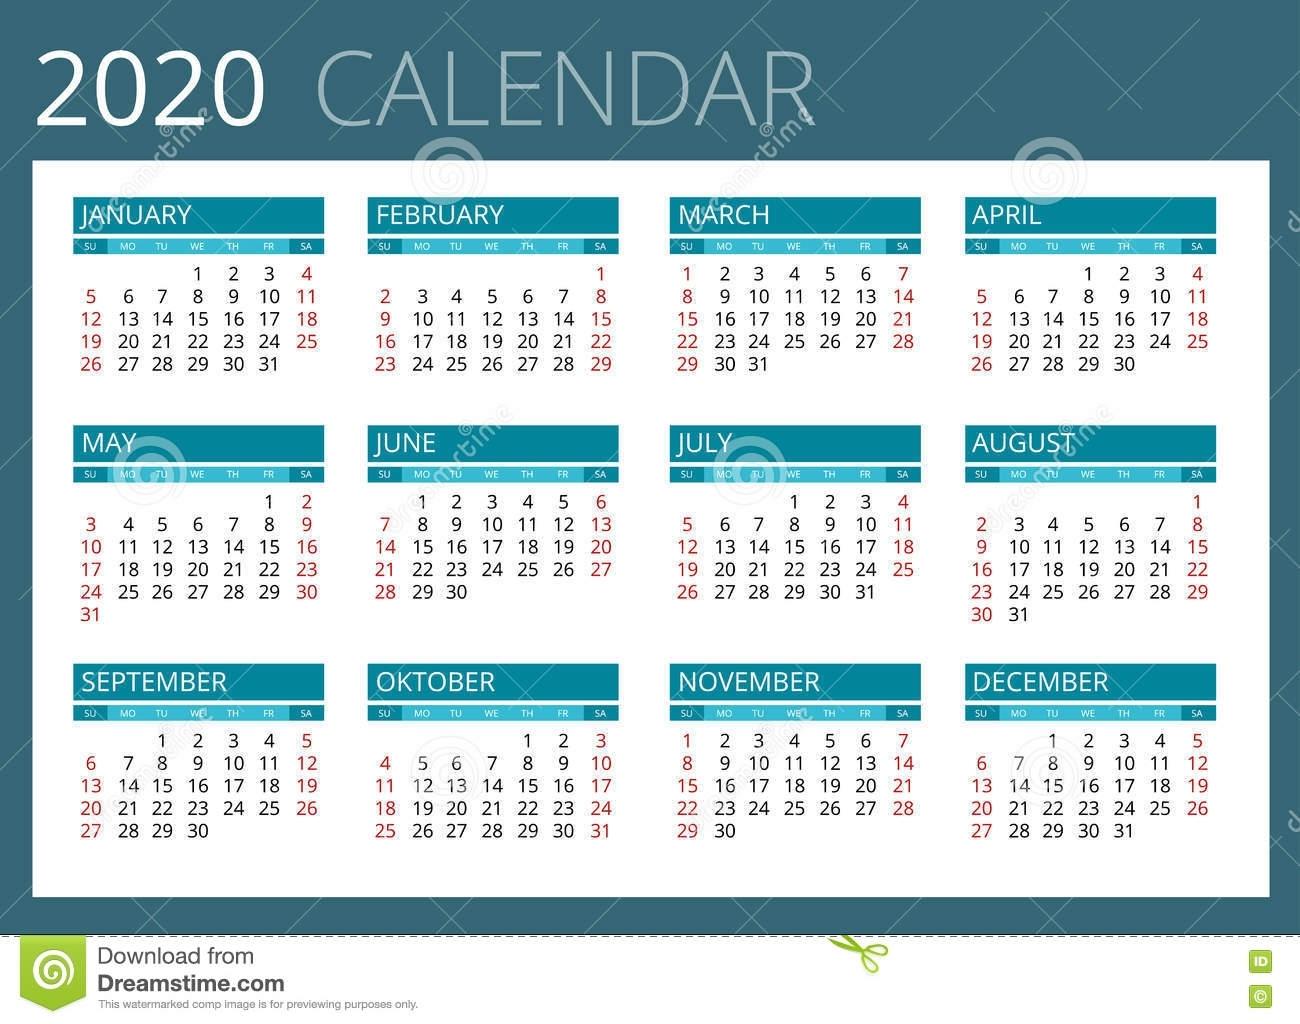 Calendario 2020 Download - Calendario 2019